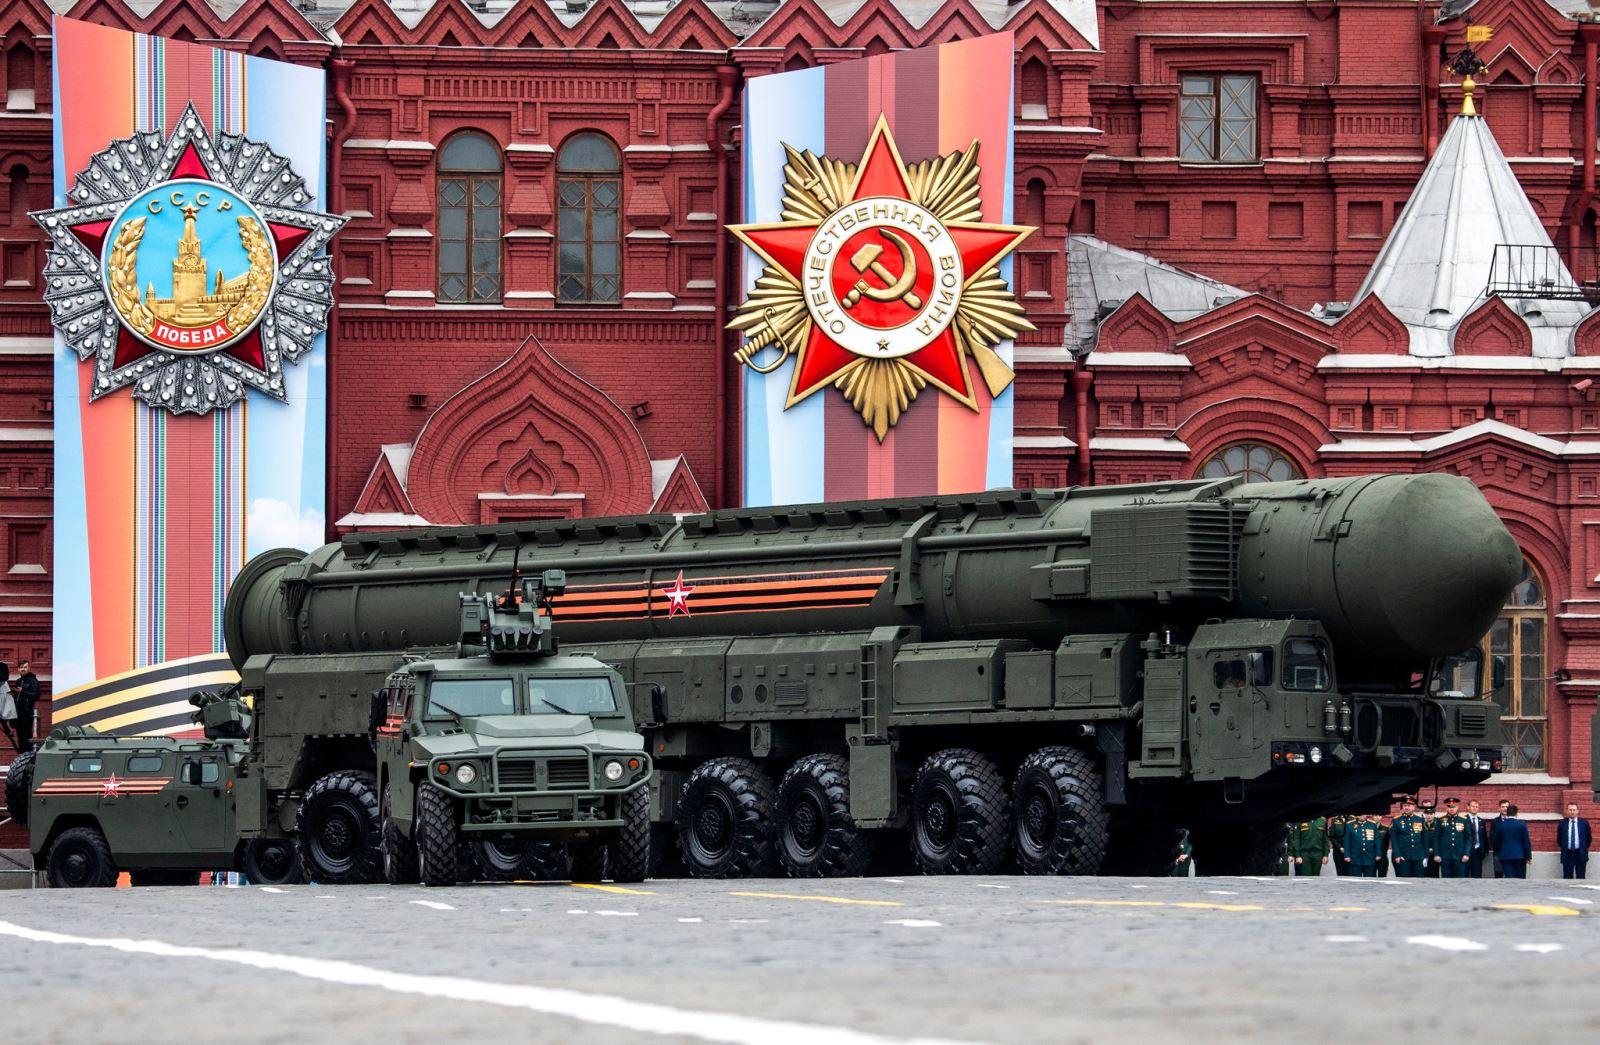 Mỹ đề nghị Nga gia hạn Hiệp ước START Mới ít hơn 5 năm